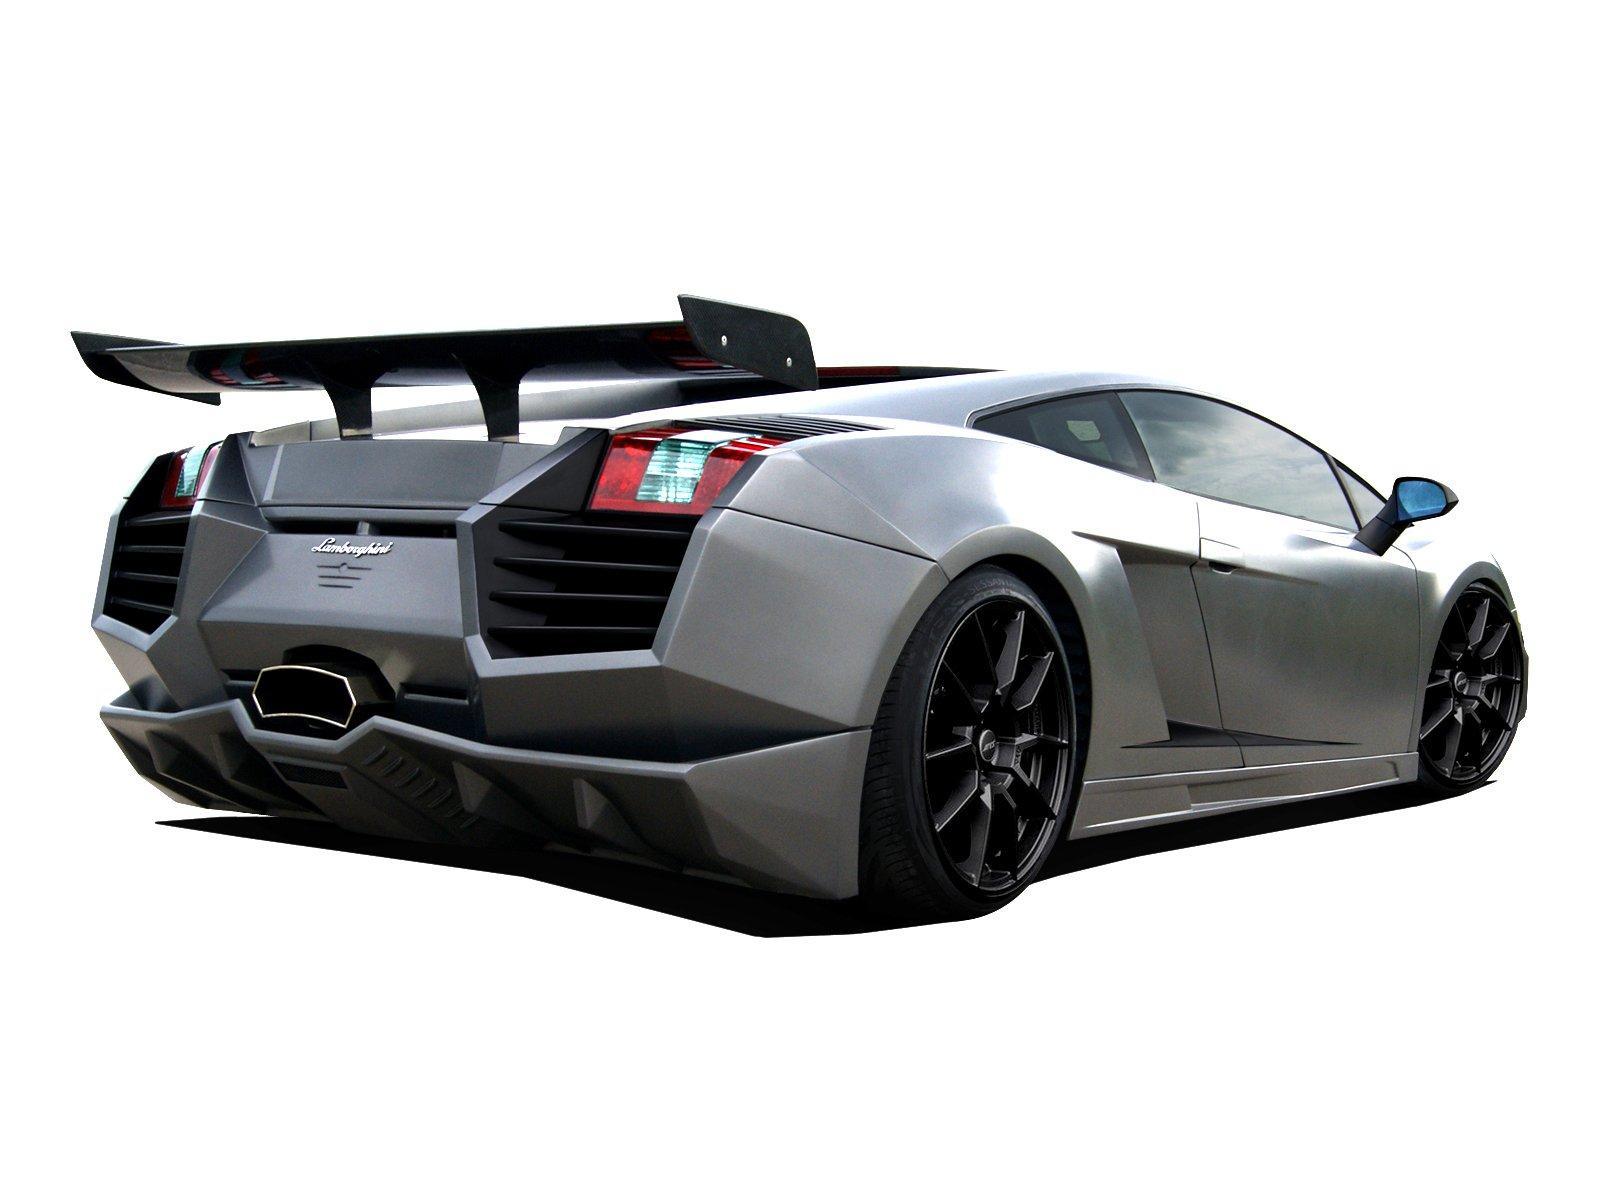 Lamborghini Gallardo od Cosa Design 2